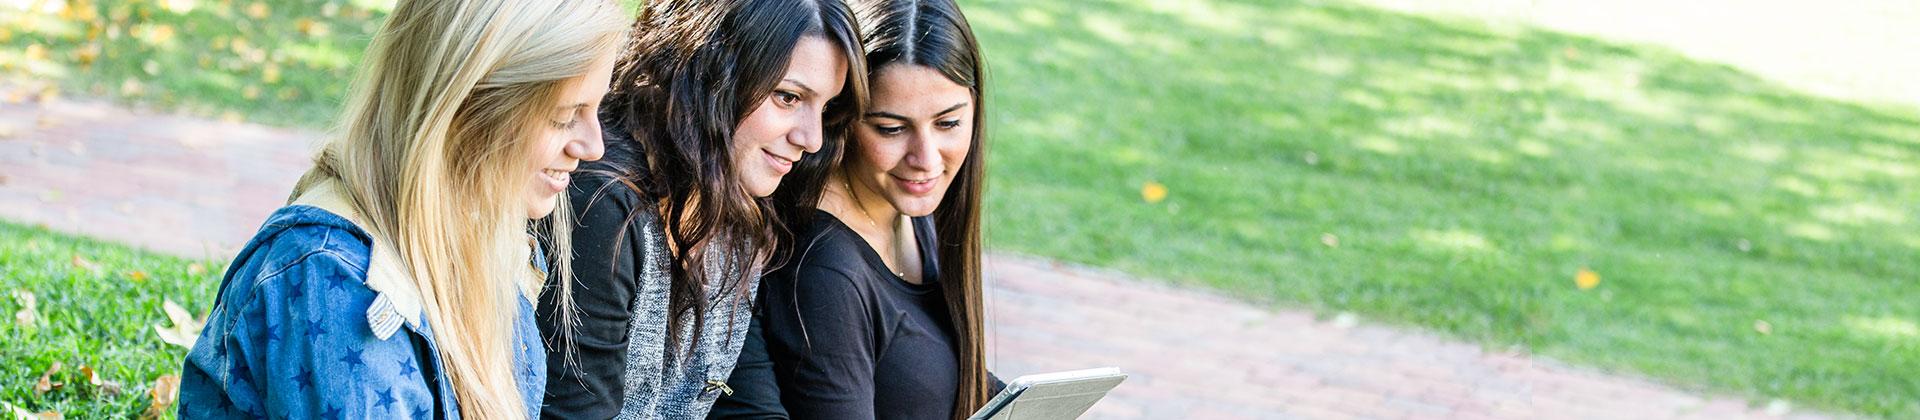 תואר שני - חינוך לשוני בחברה רב-תרבותית